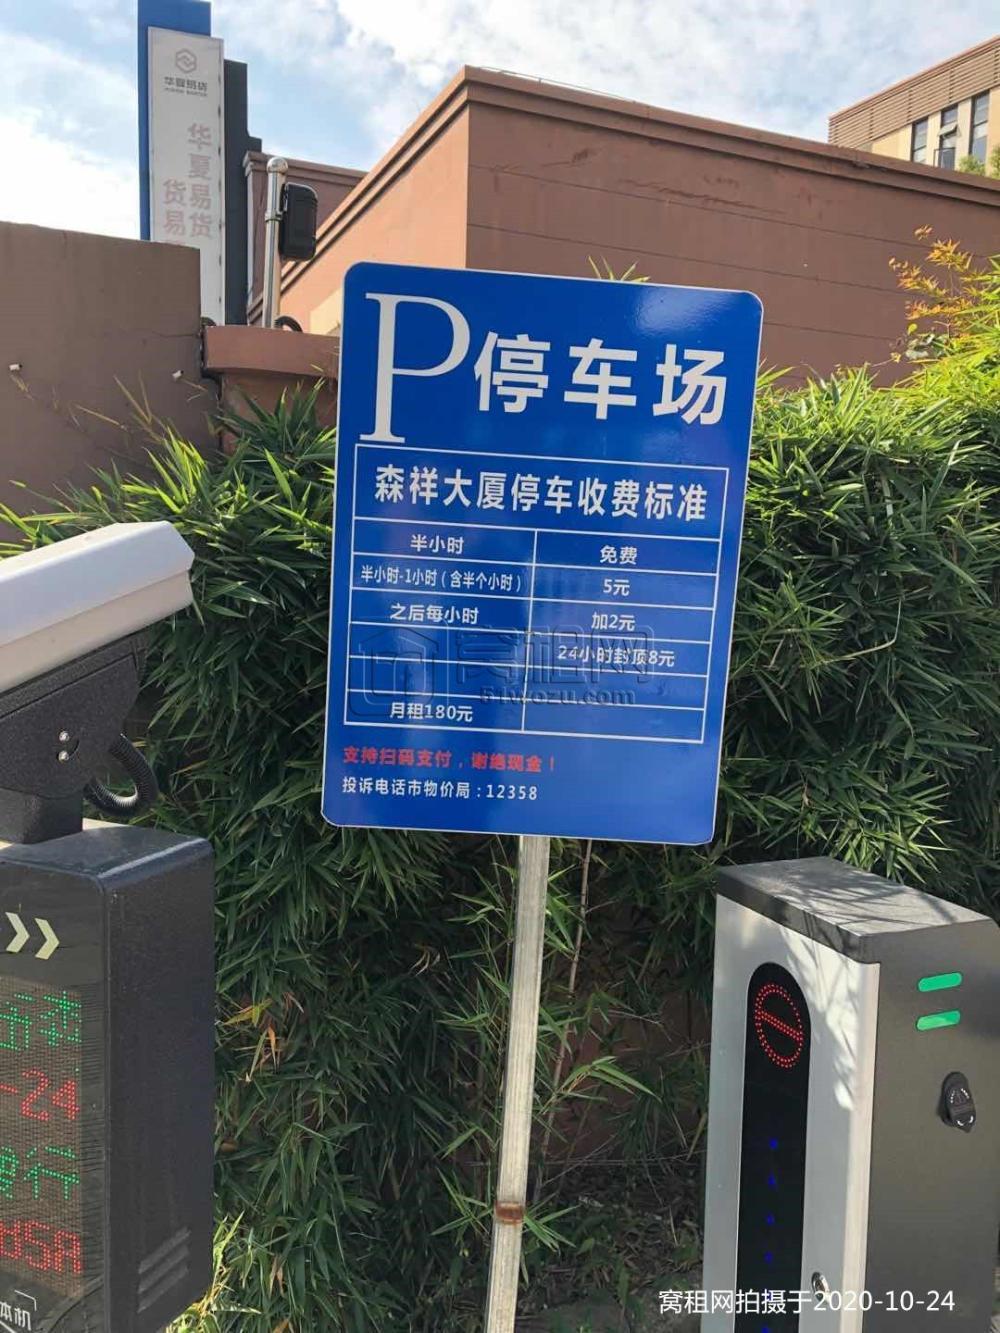 宁波海曙区集士港森祥大厦停车收费多少?